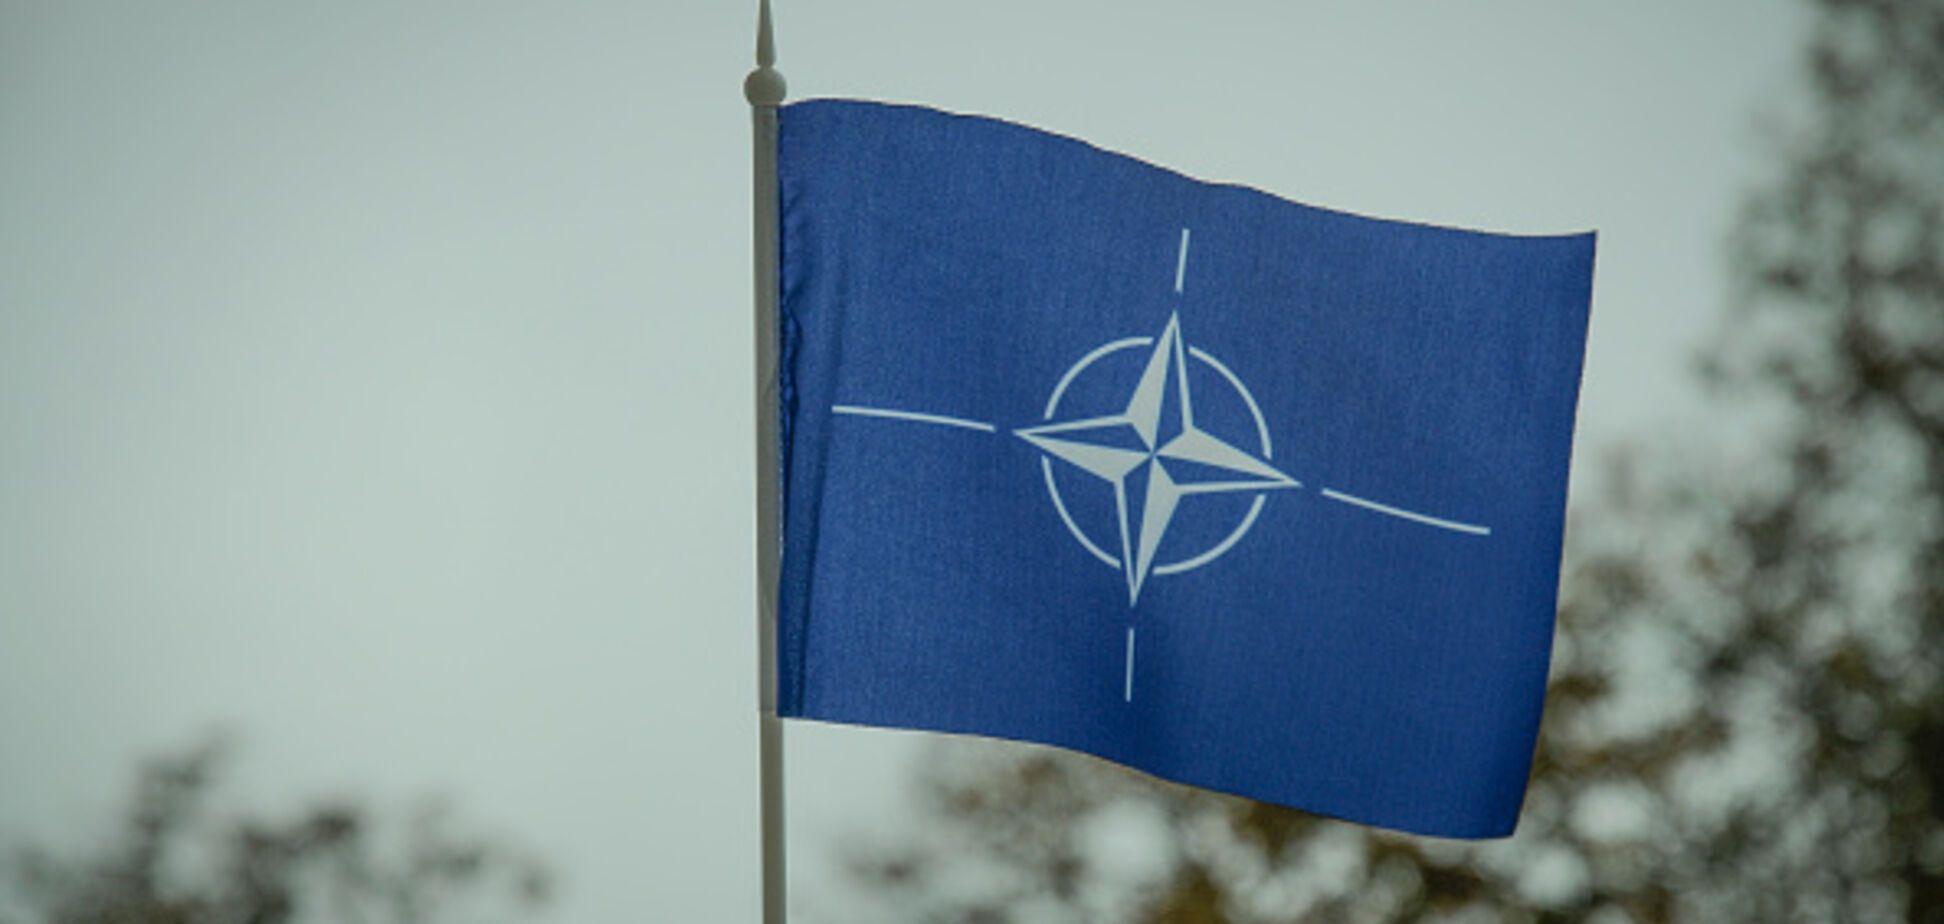 НАТО зближується із РФ: експерт пояснив, чого варто очікувати Україні